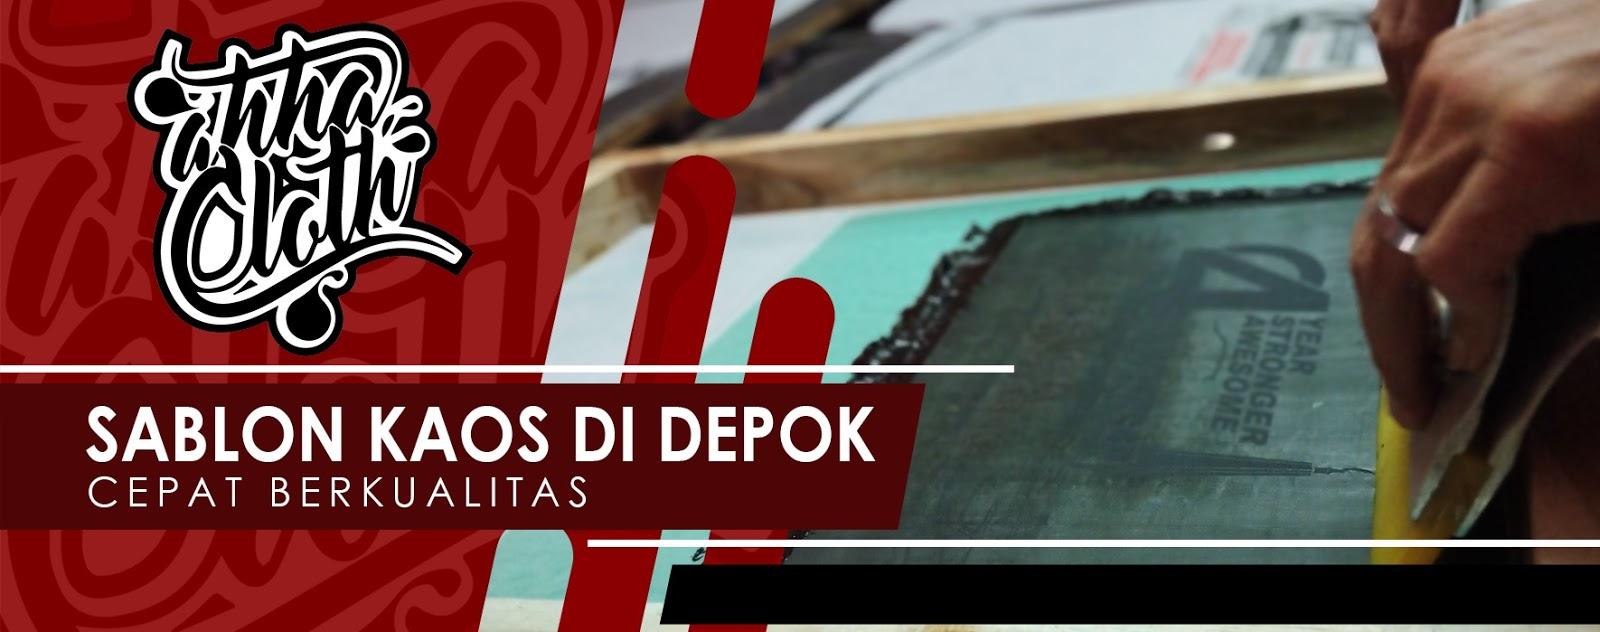 Jasa Sablon Kaos Manual, Murah dan Berkualitas di Depok